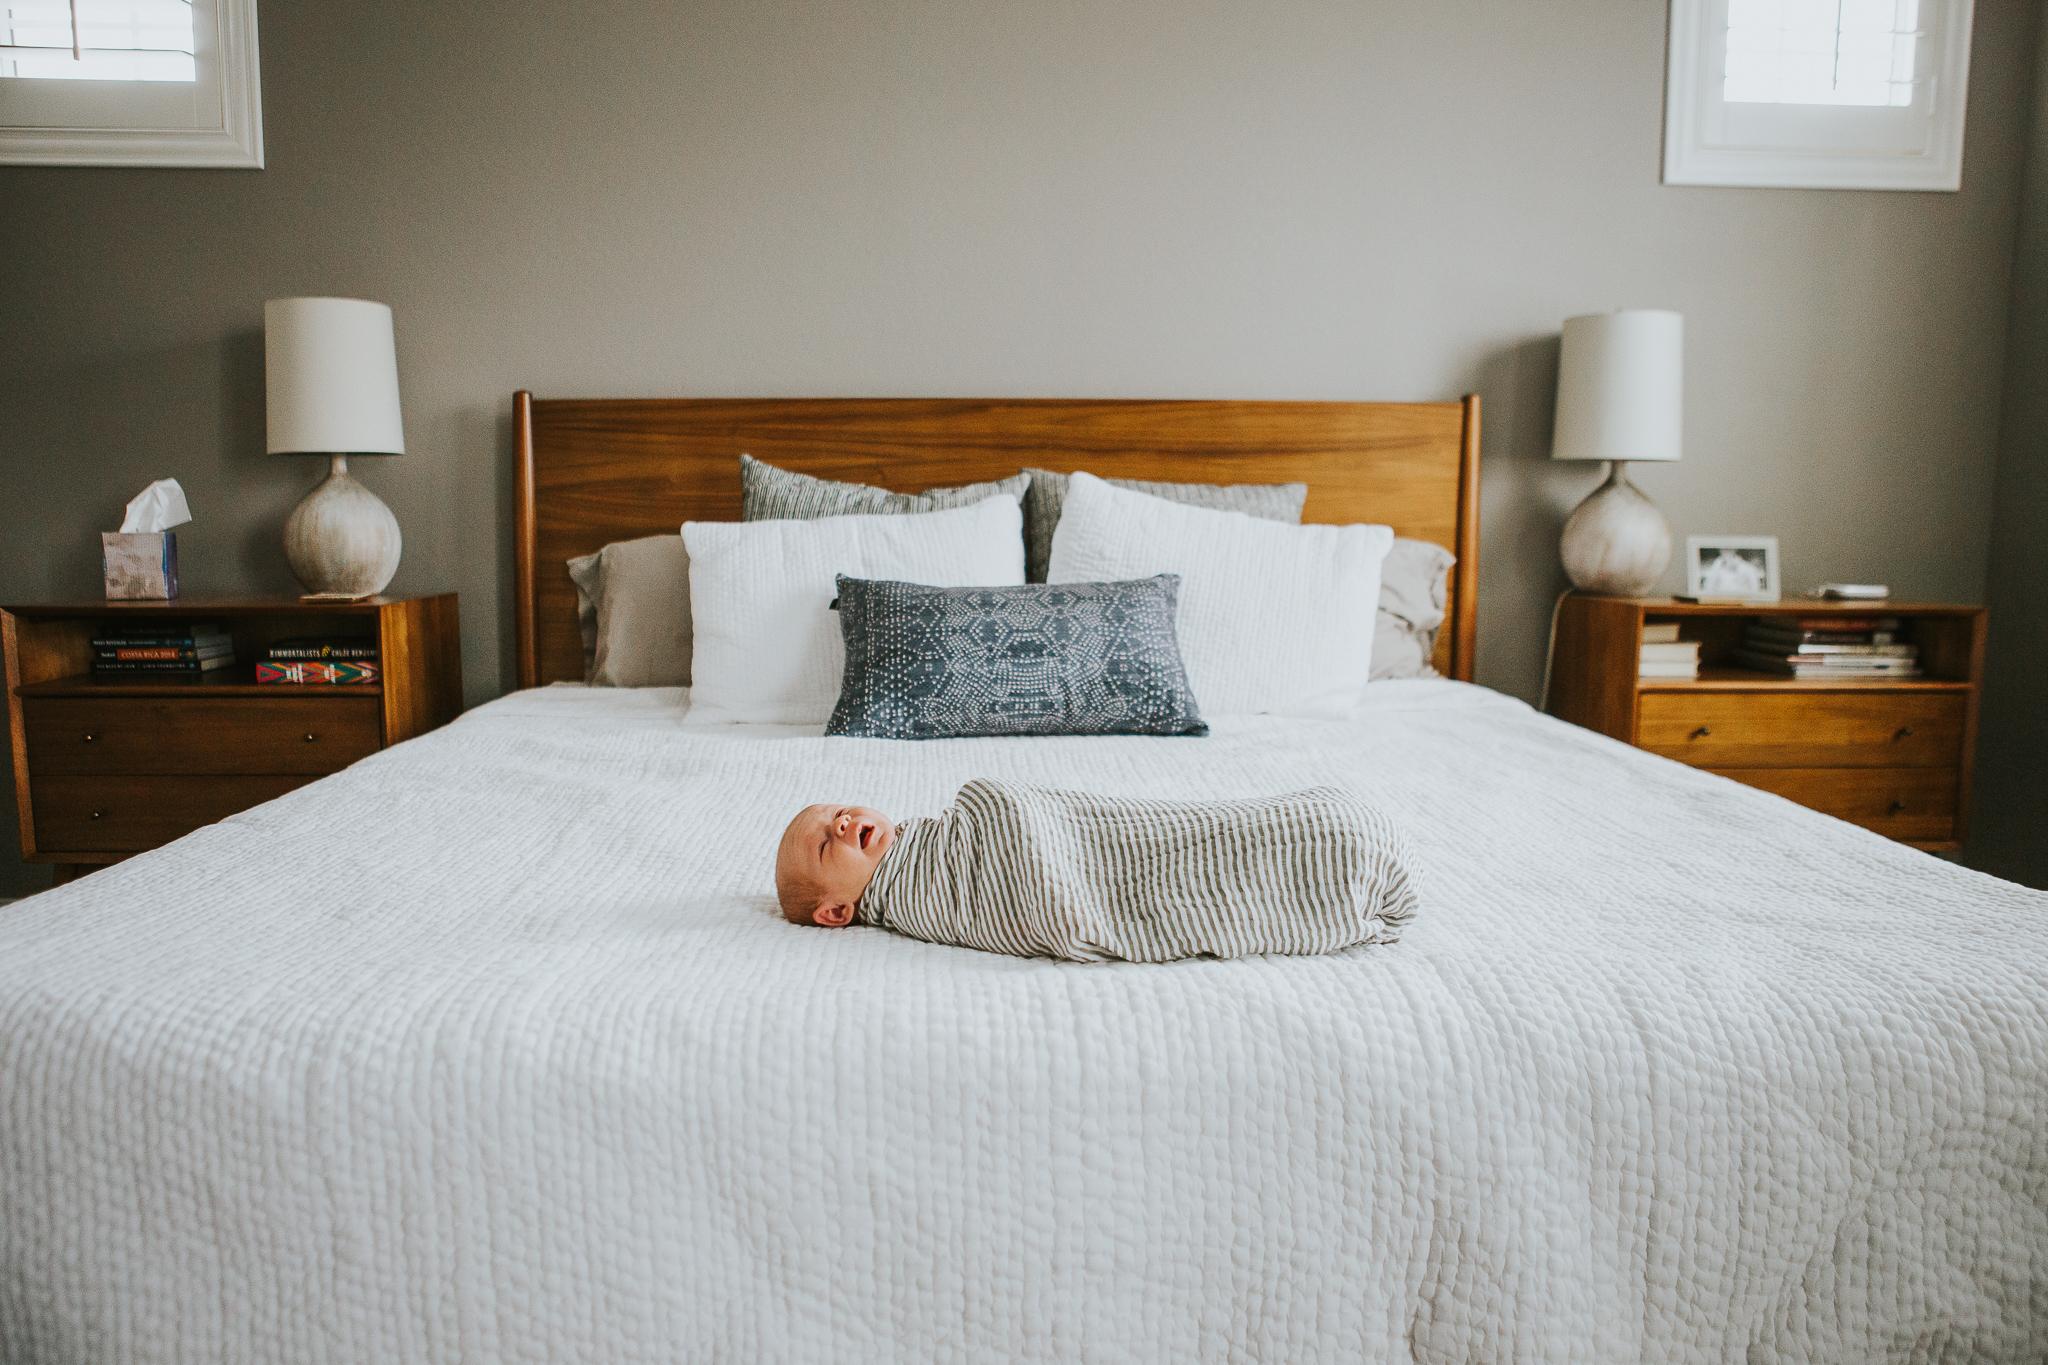 Mesa-Arizona-Newborn-Photographer-27.jpg